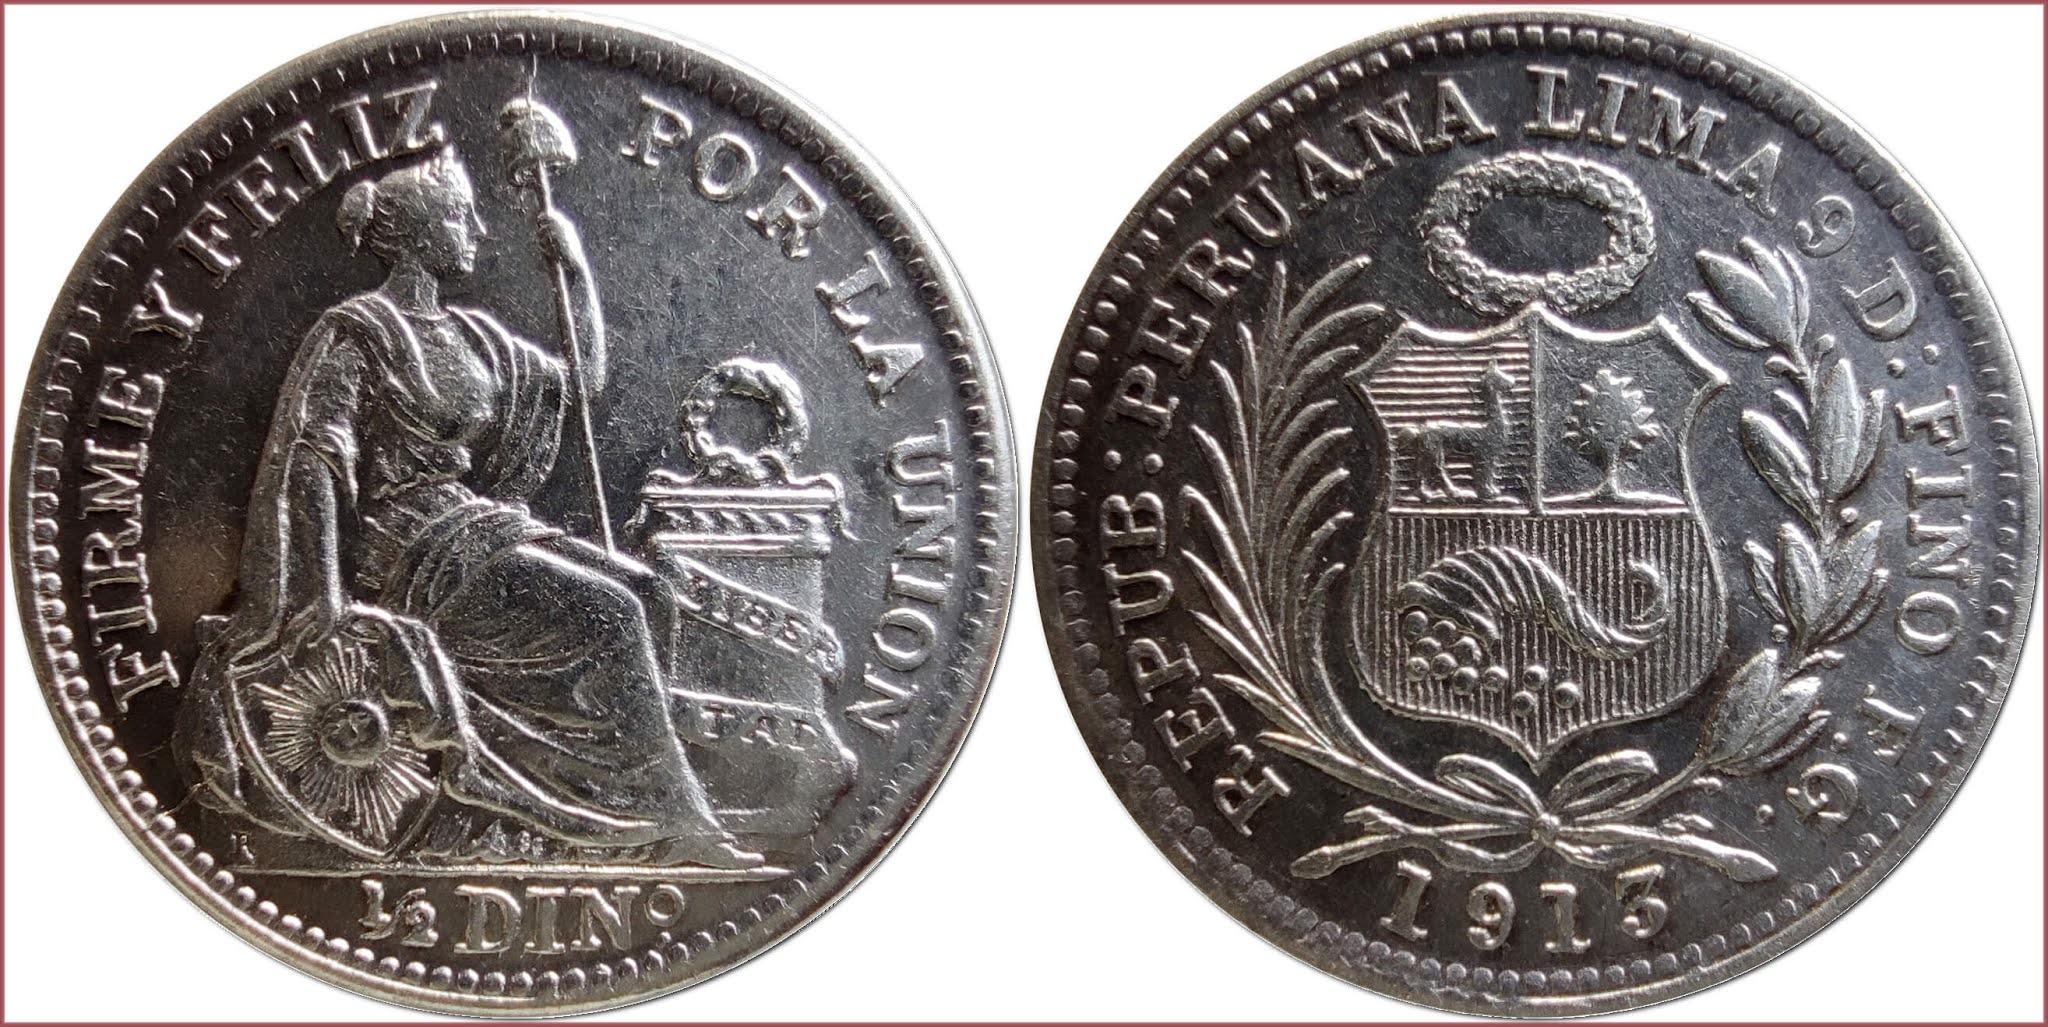 1/2 dinero, 1913: Republic of Peru